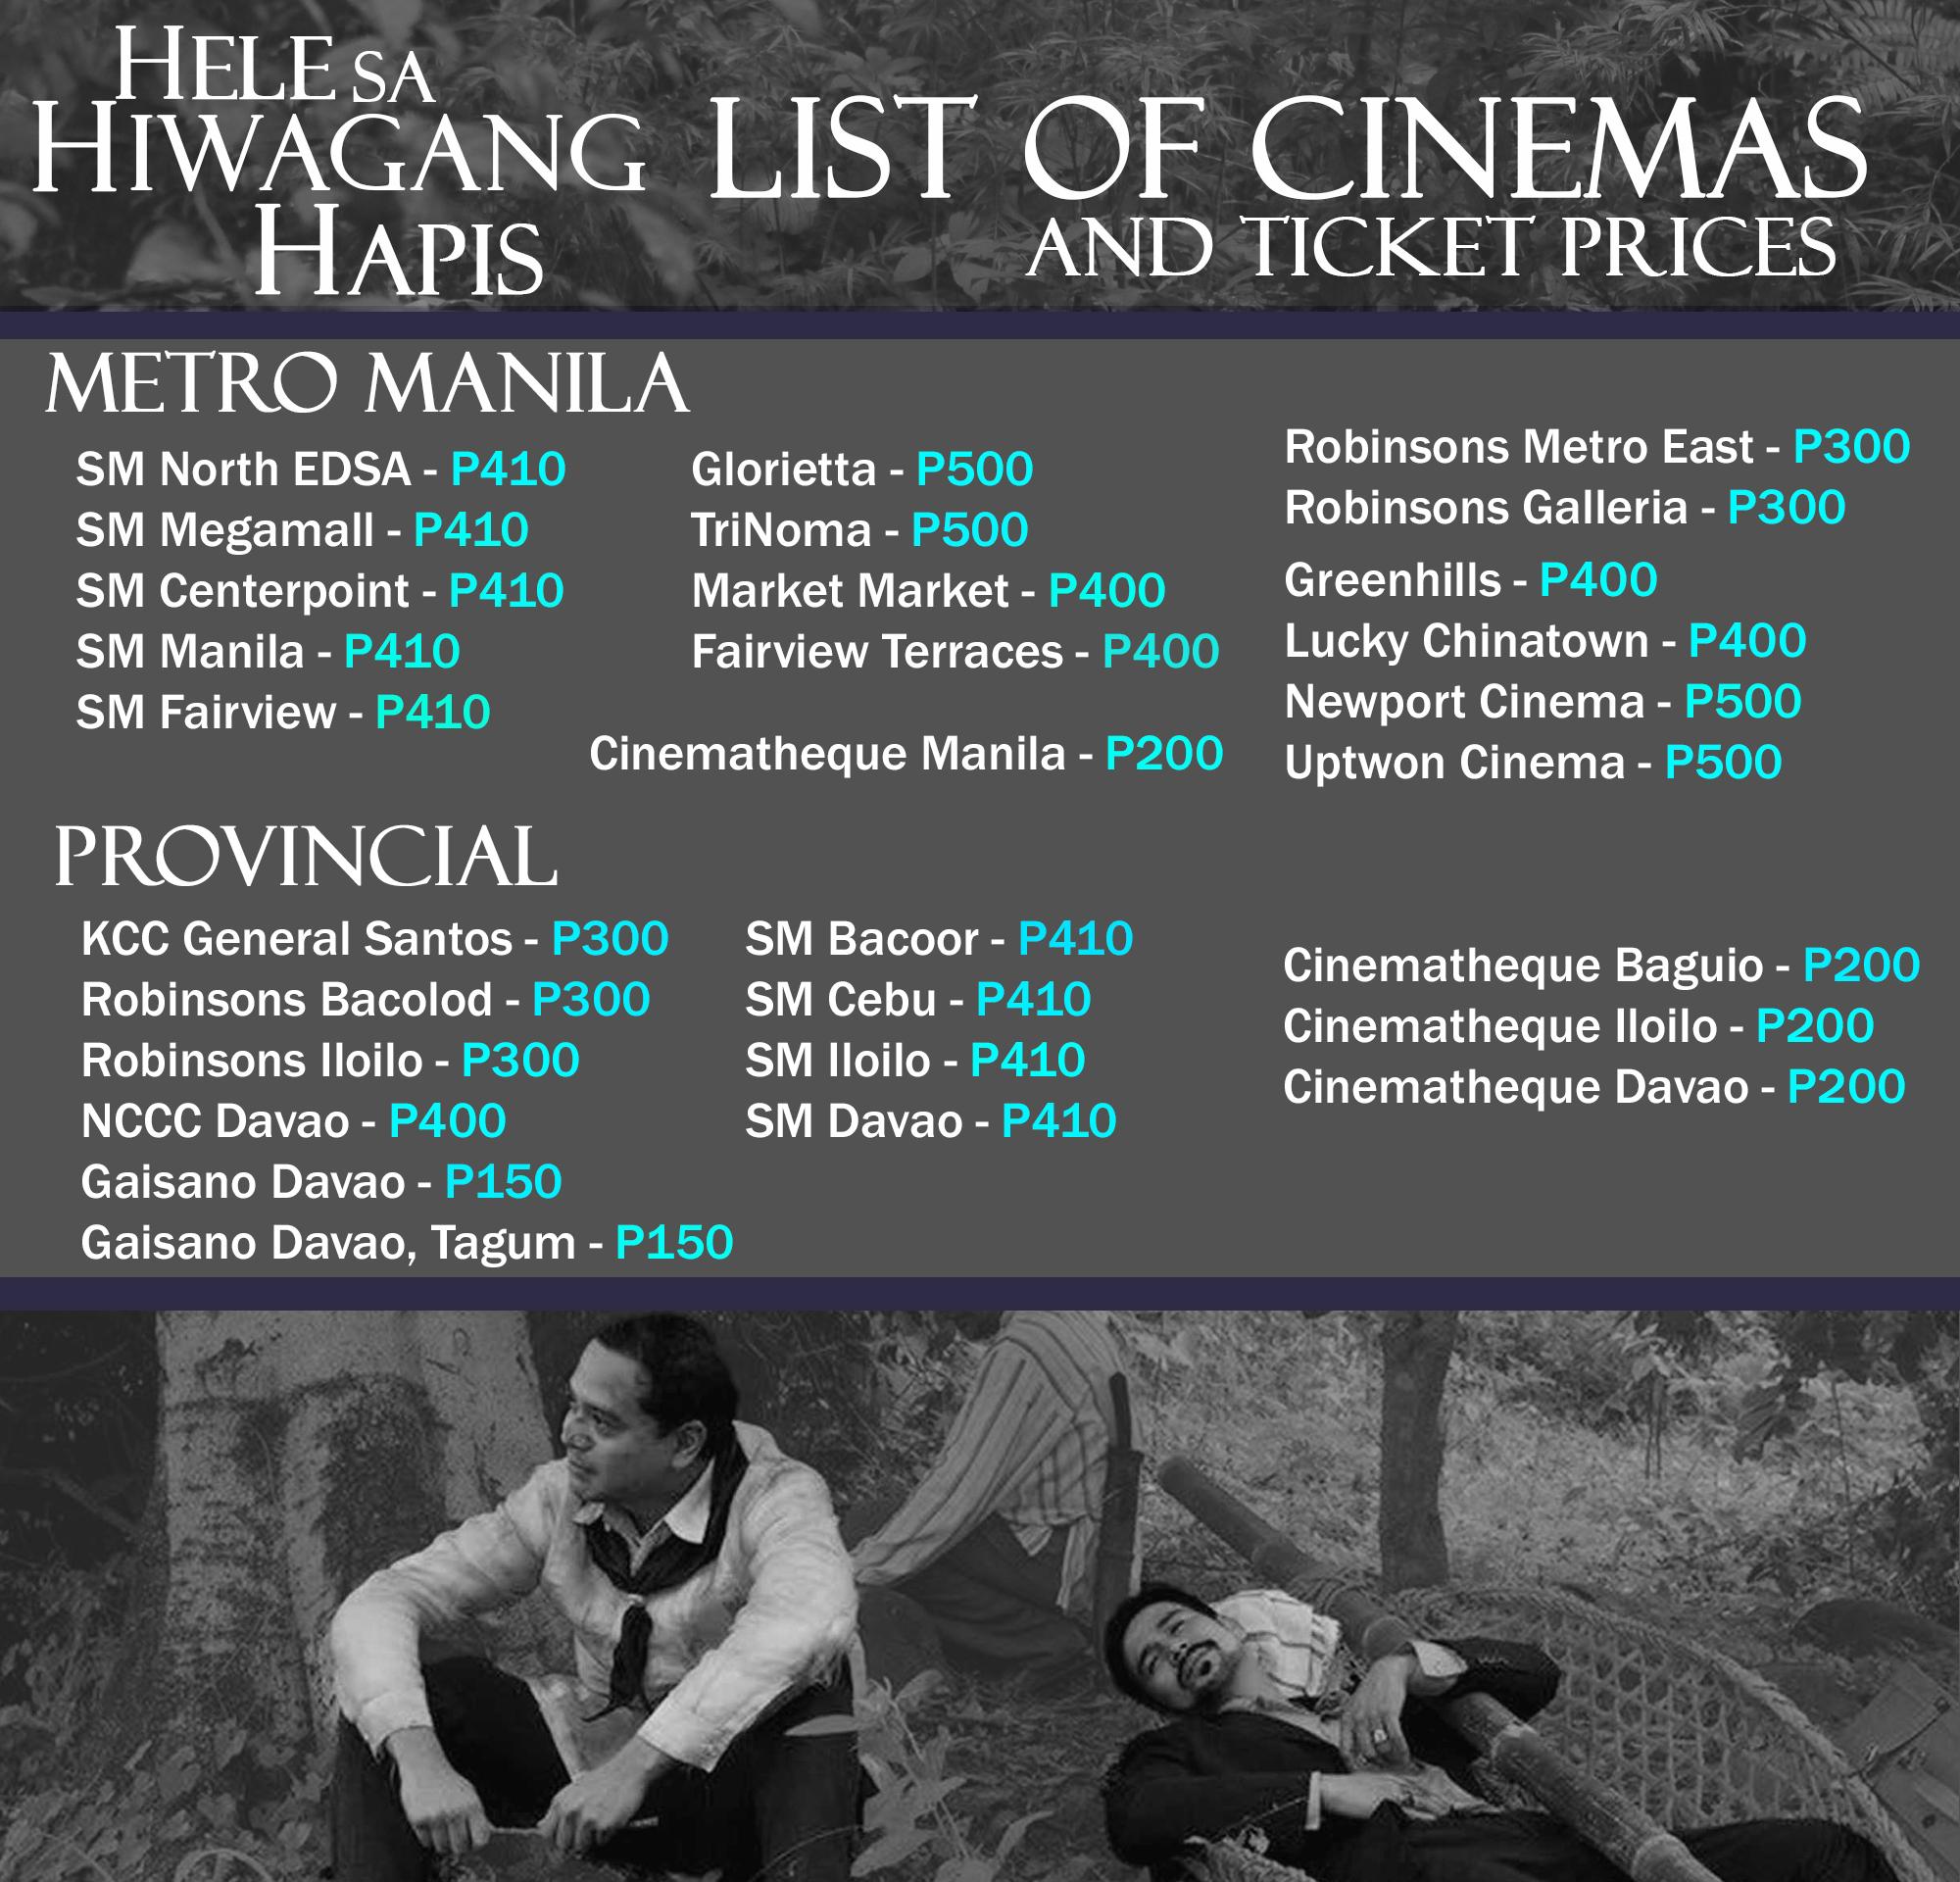 Hele Cinema List